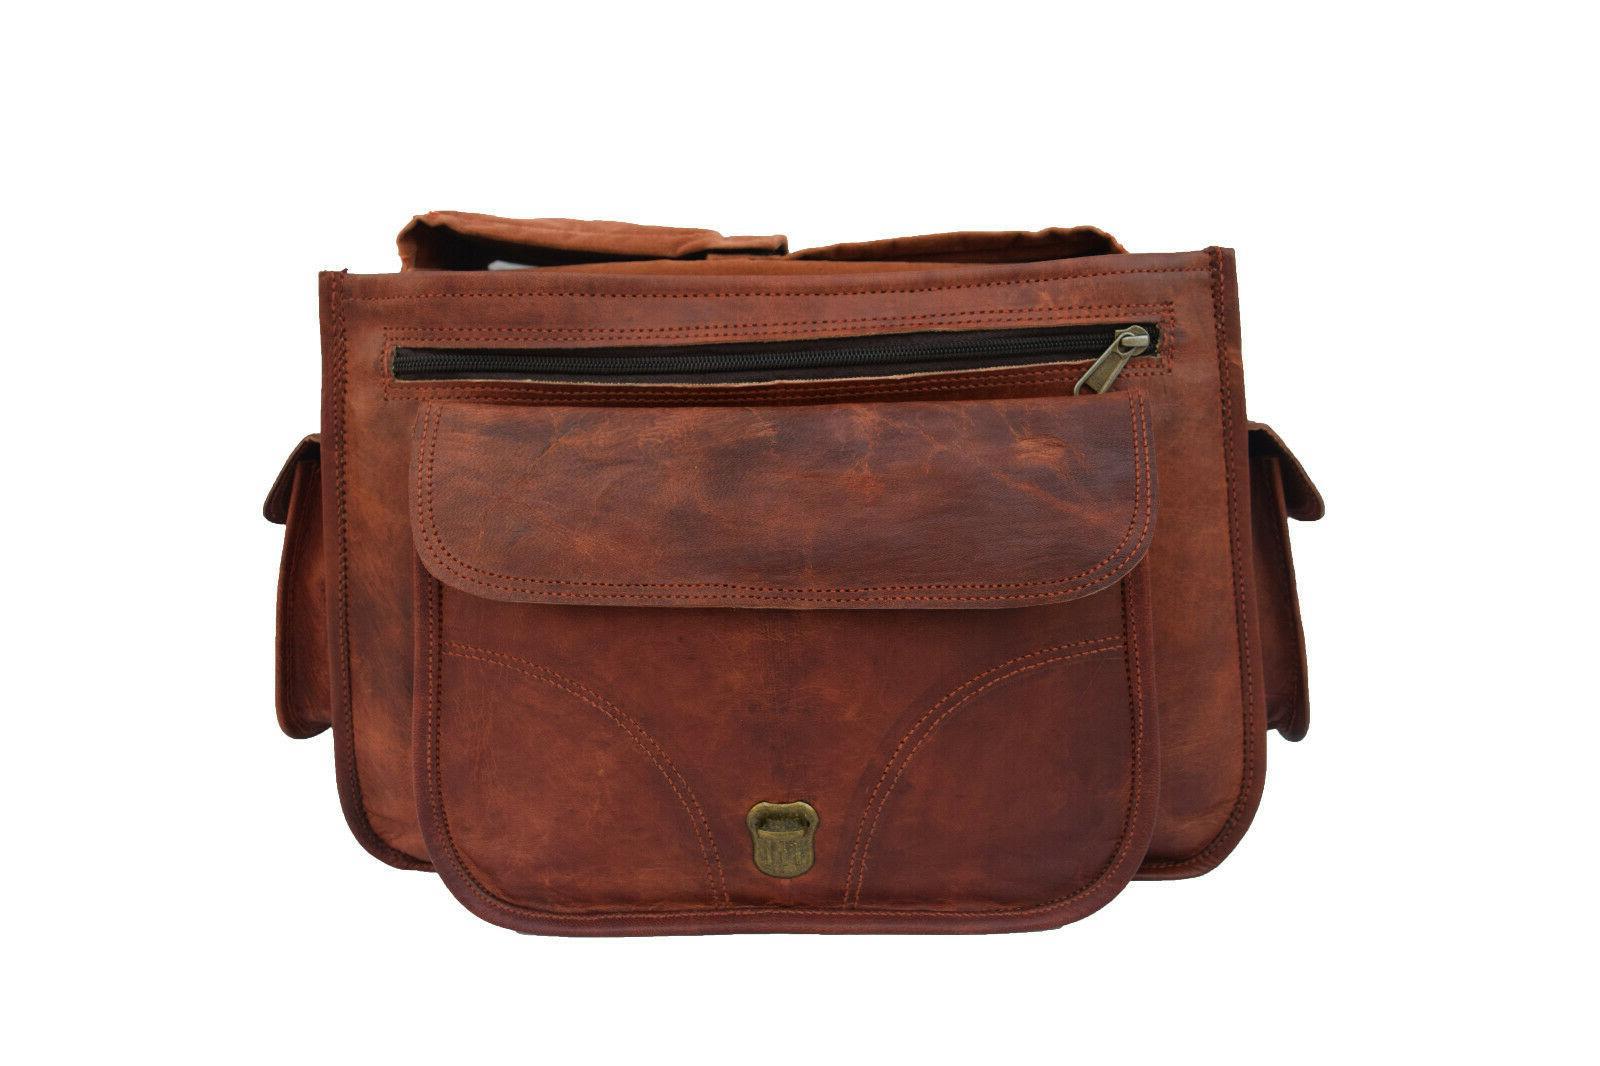 Vintage Camera Bag Satchel Crossbody Handbag